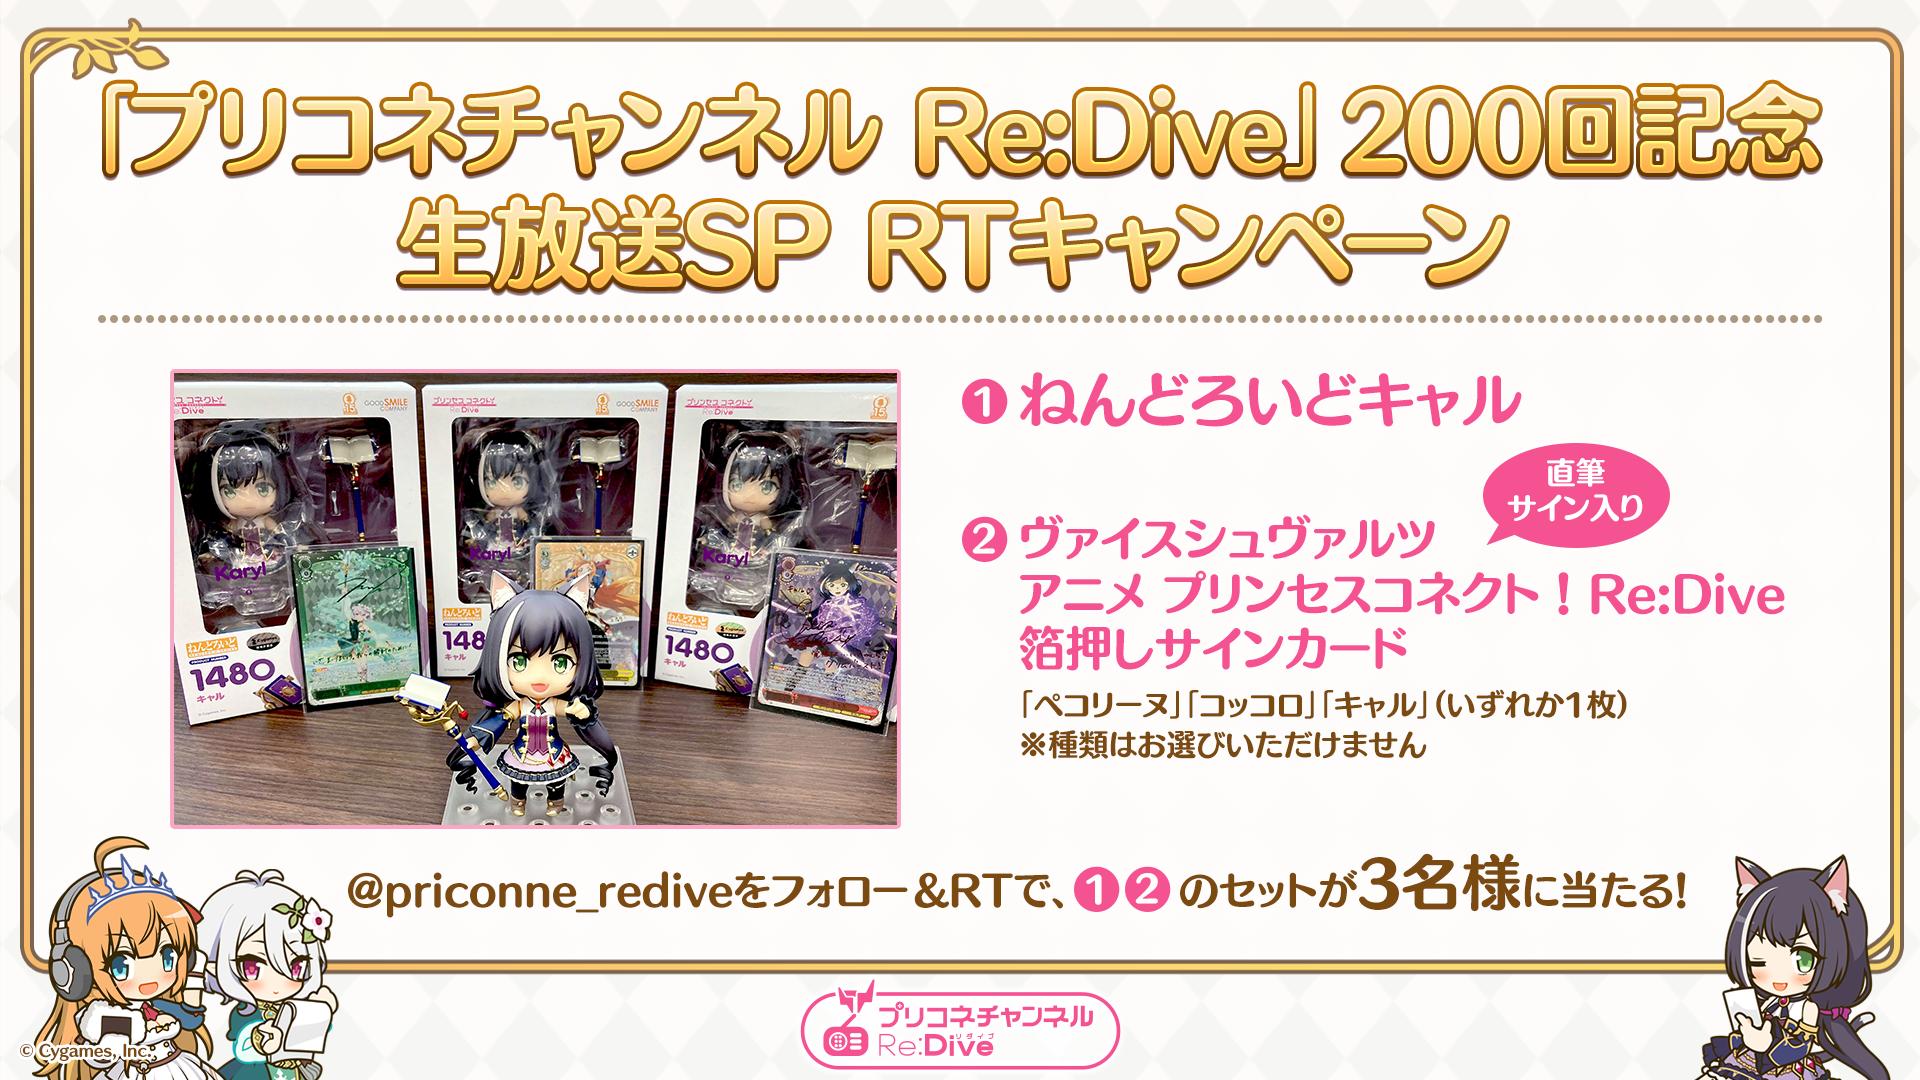 「プリコネチャンネル!Re:Dive 200回記念 生放送 RTキャンペーン」開始!